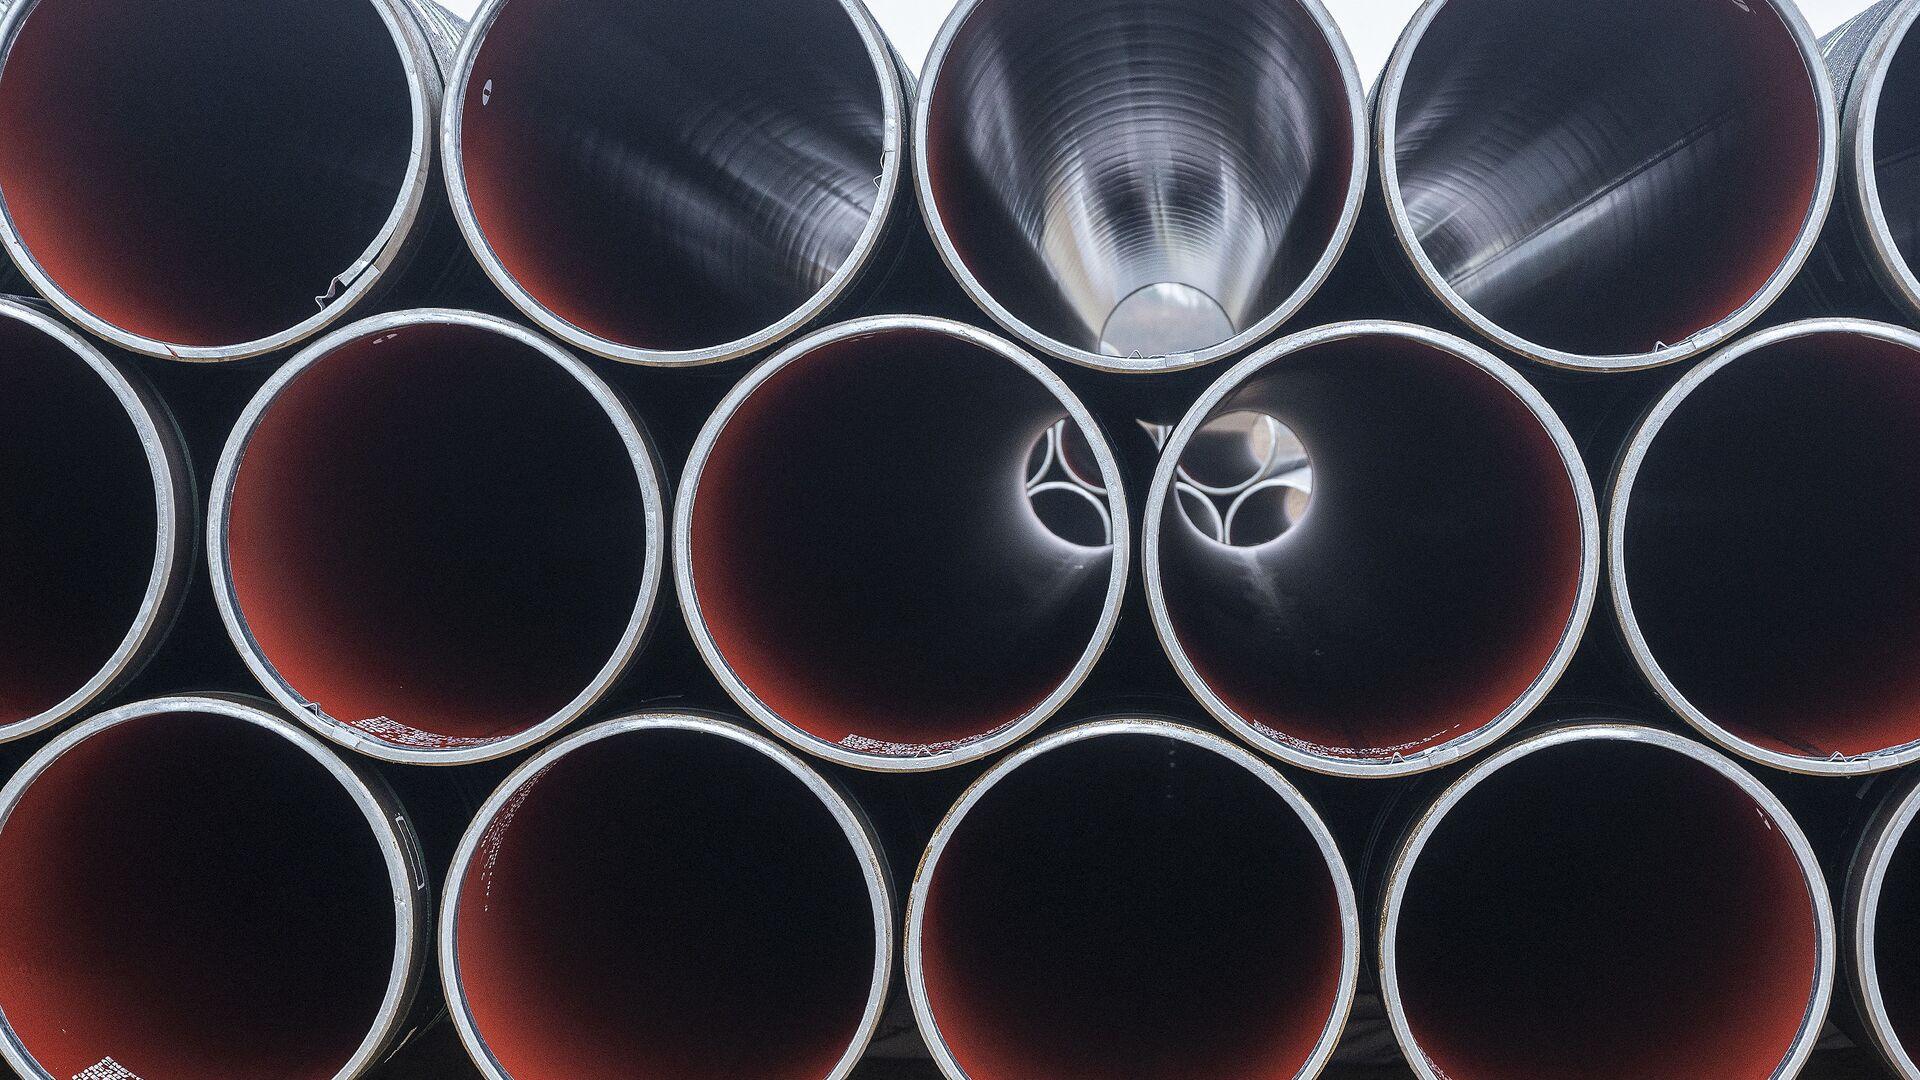 Pipes for the Baltic Pipe gas pipeline are stacked at Houstrup Strand, near Noerre Nebel, Jutland, Denmark, on February 23, 2021 - Sputnik International, 1920, 13.09.2021